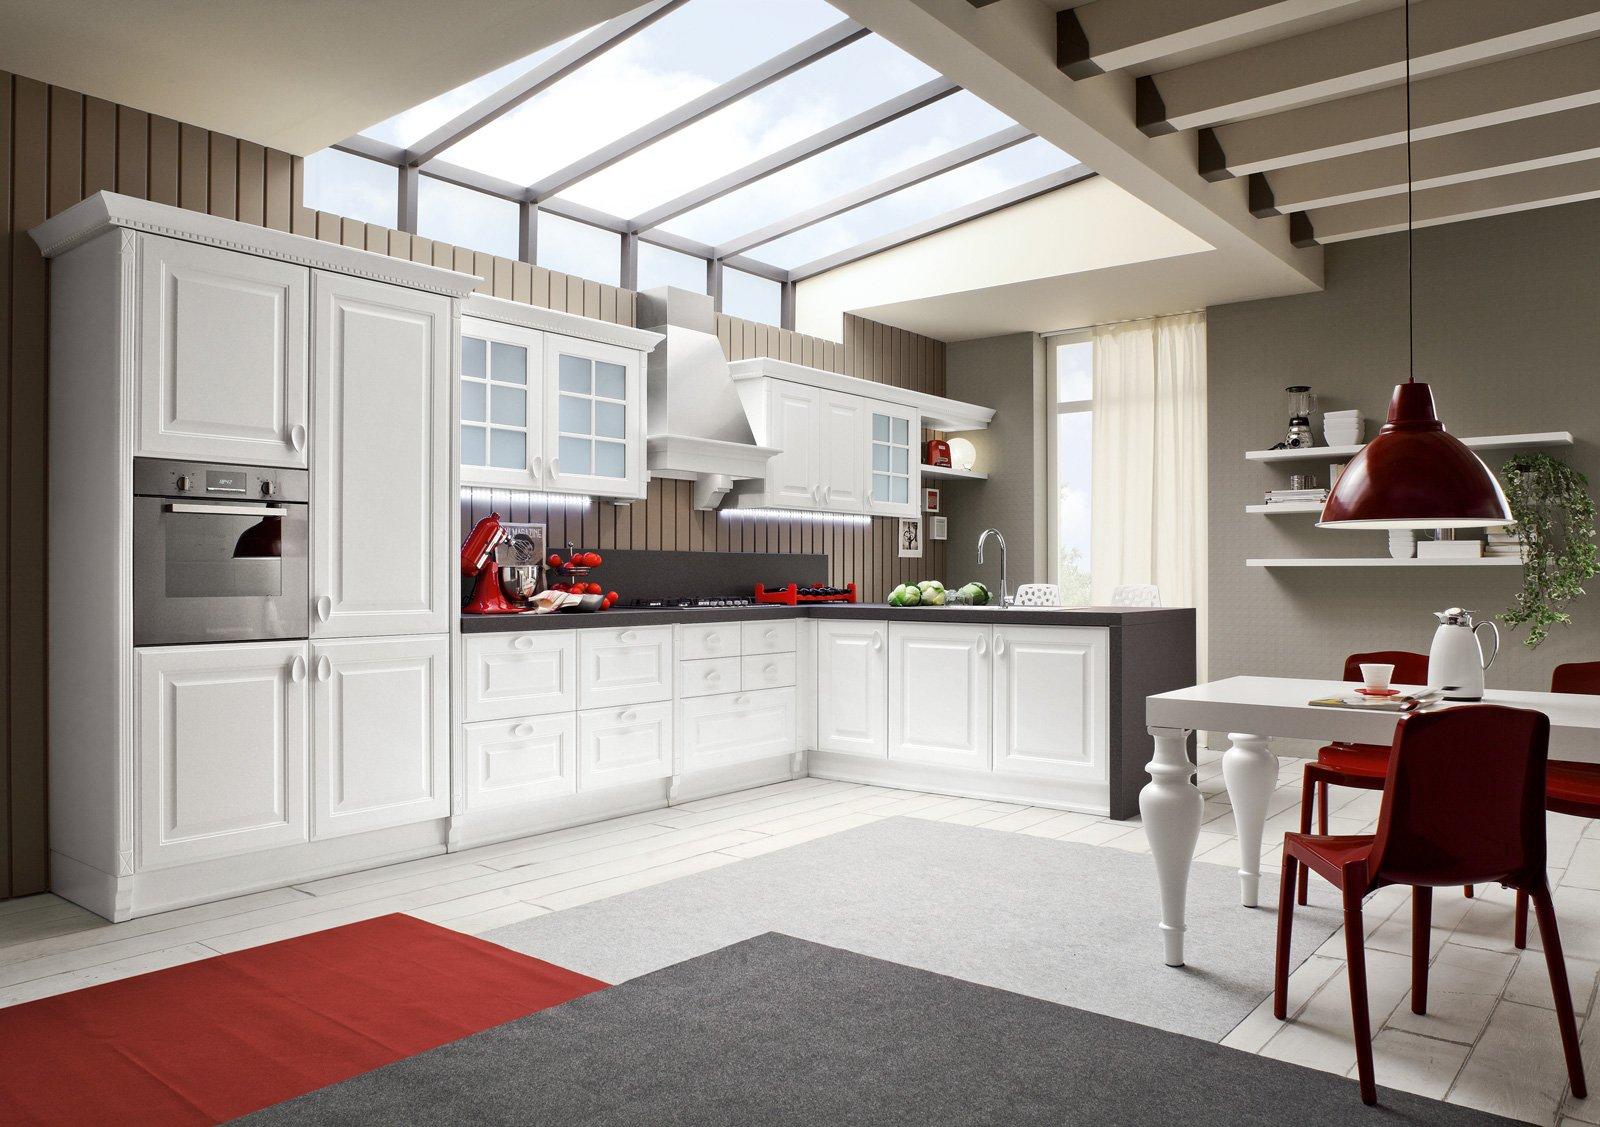 Tanto bianco e la cucina raddoppia visivamente cose di casa - Cucine arrex prezzi ...